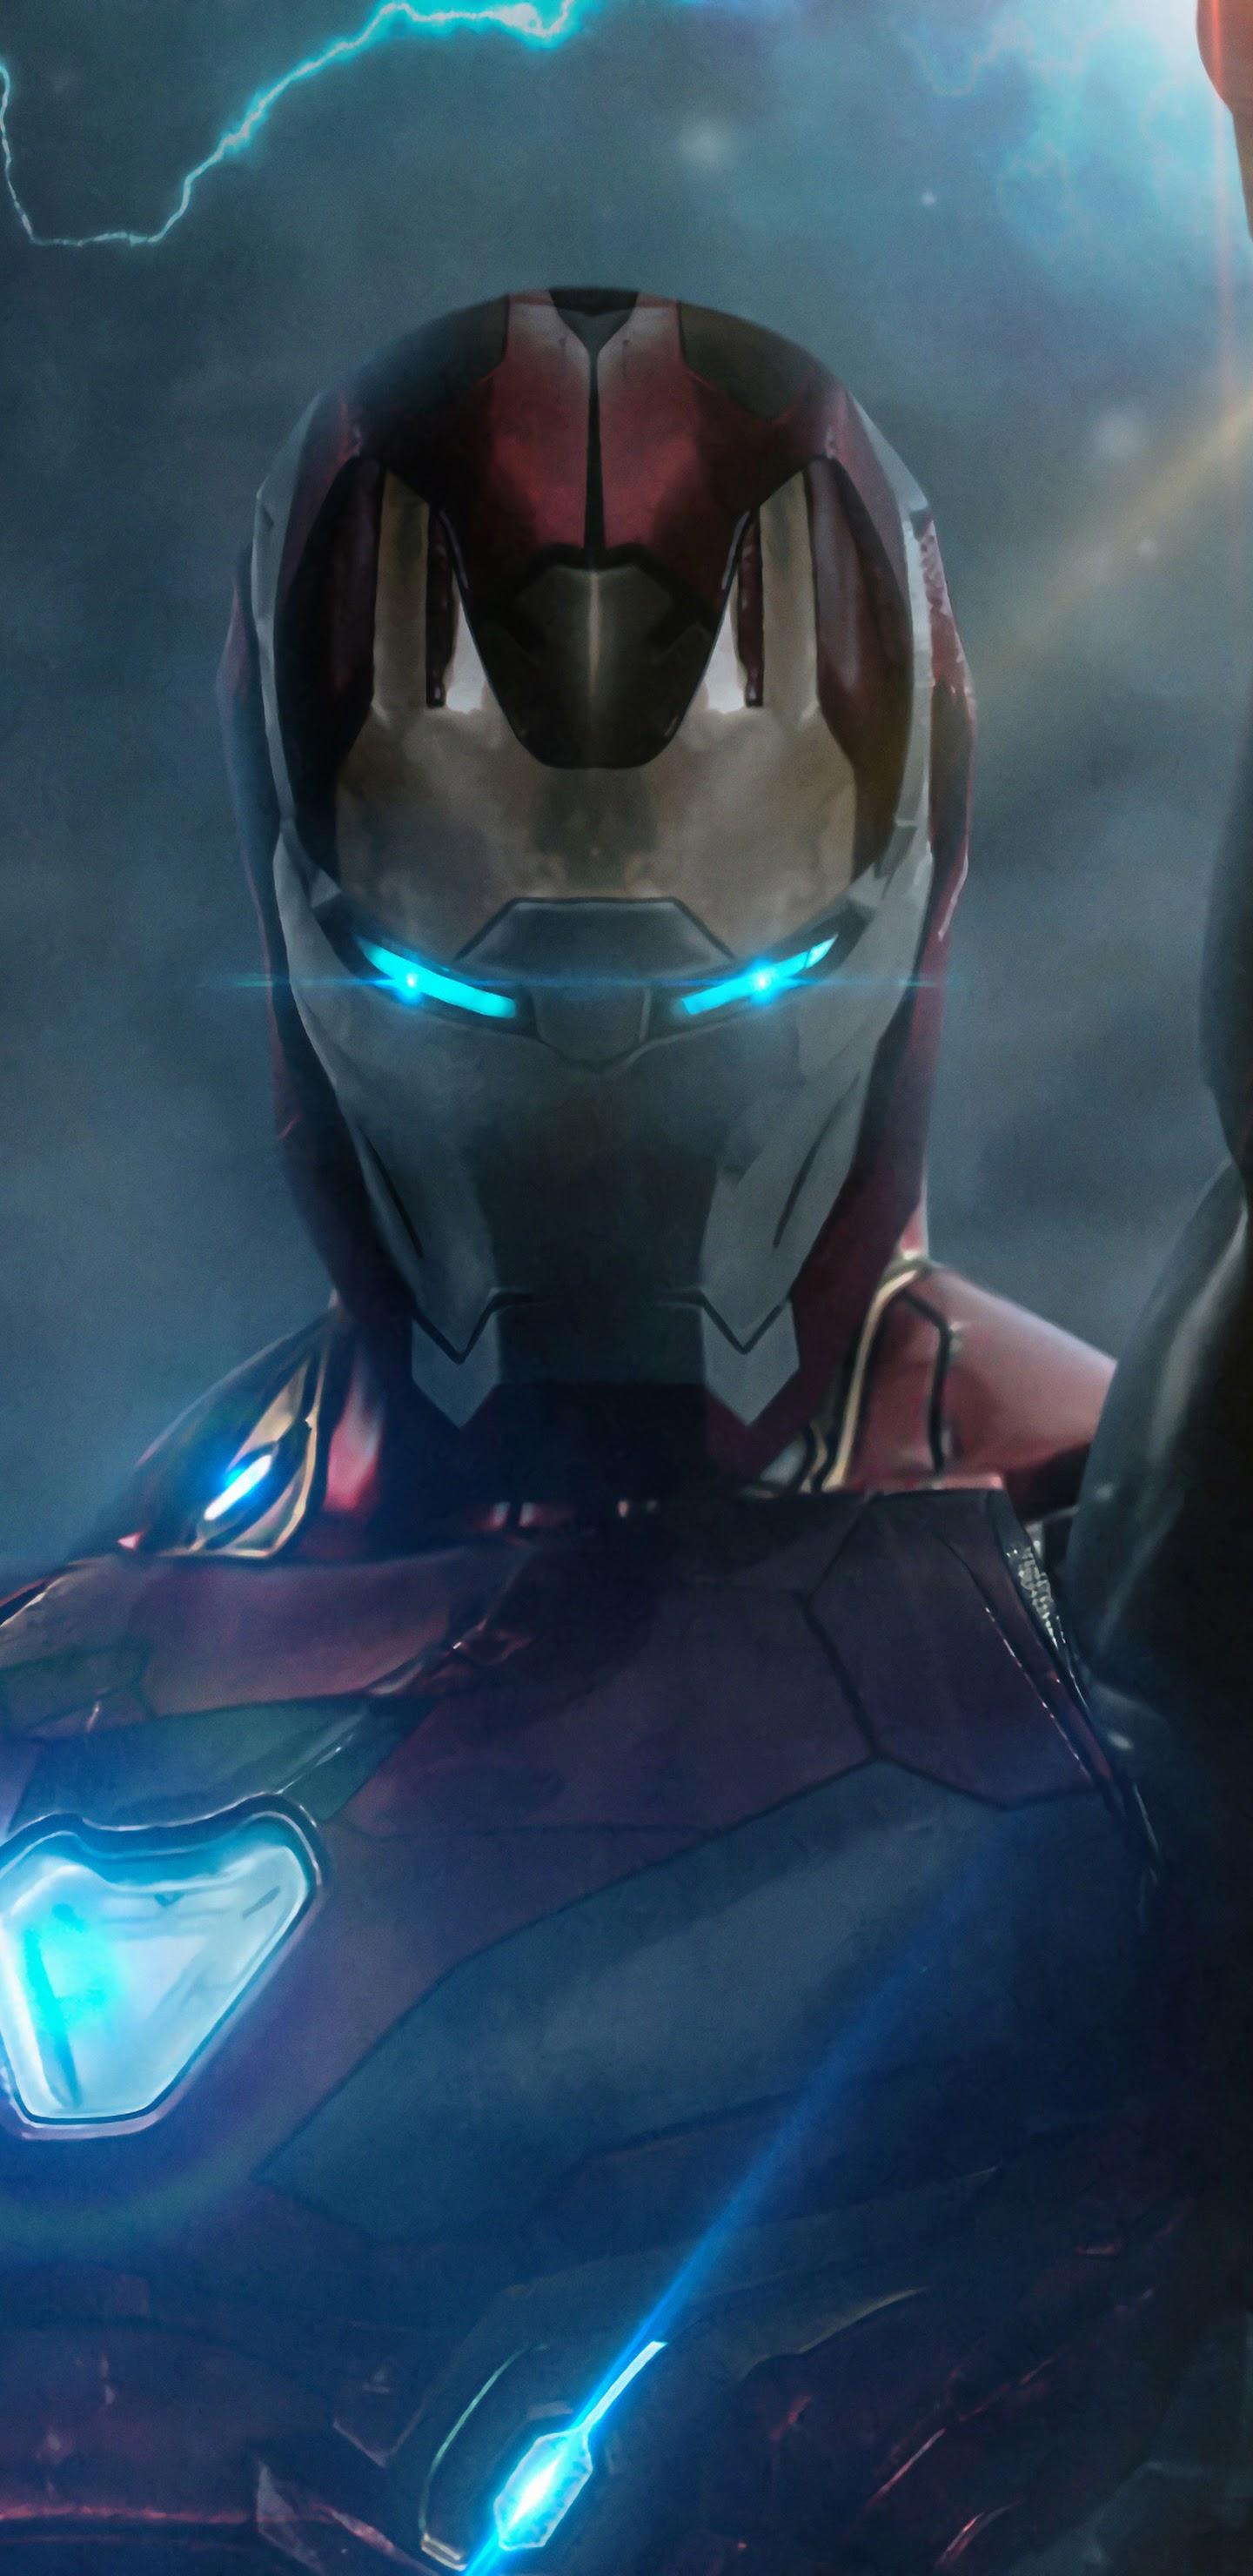 Iron Man Infinity Stones Avengers: Endgame 4K Wallpaper #21